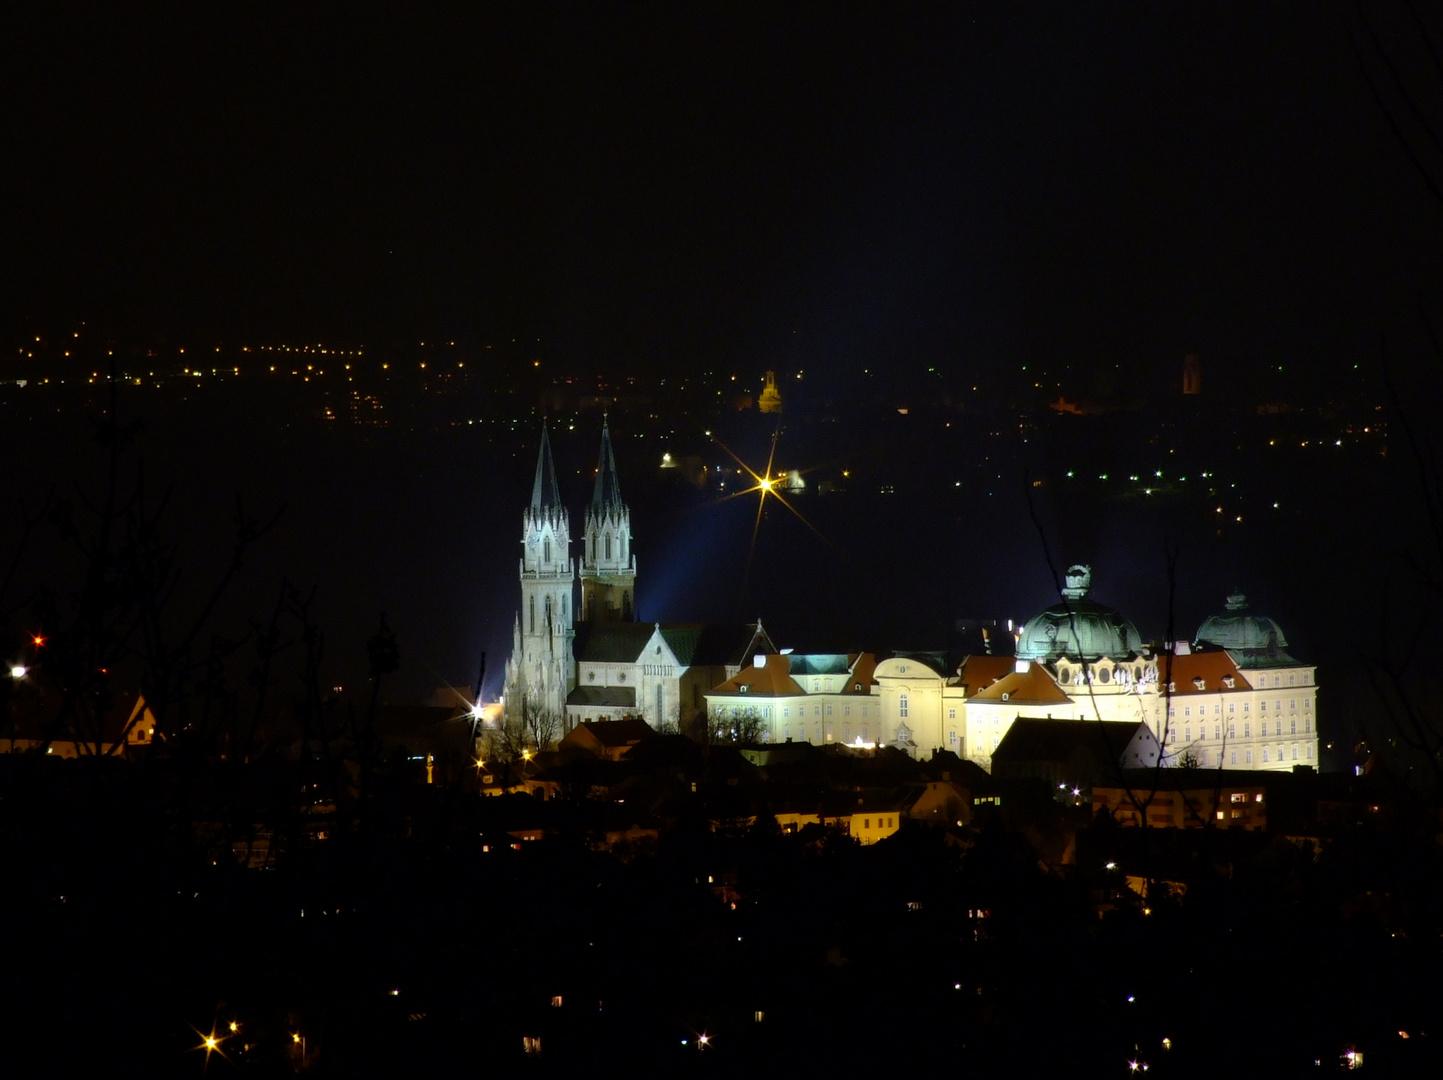 Klosterneuburg bei Nacht